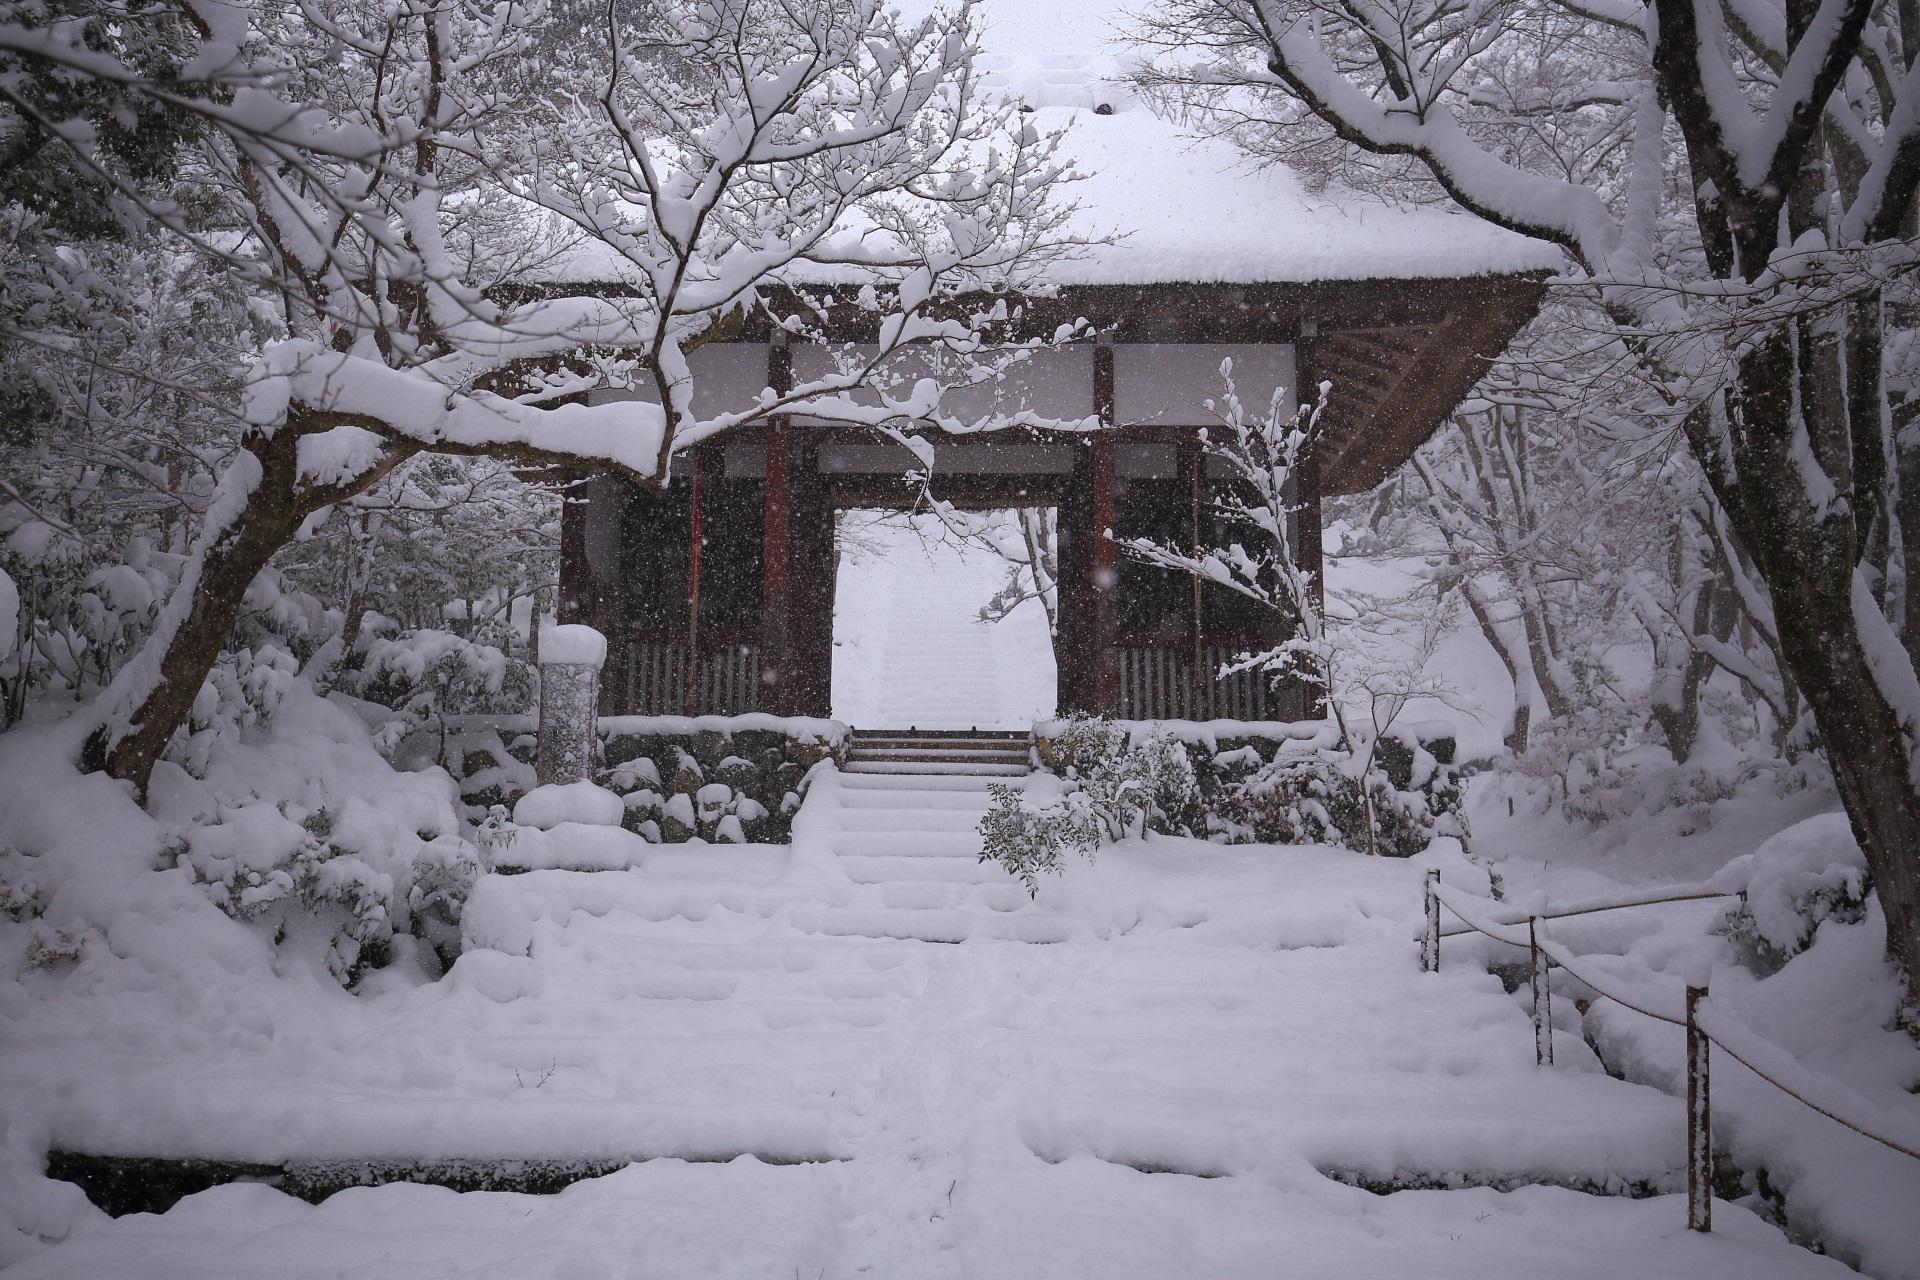 雪が強く降る常寂光寺